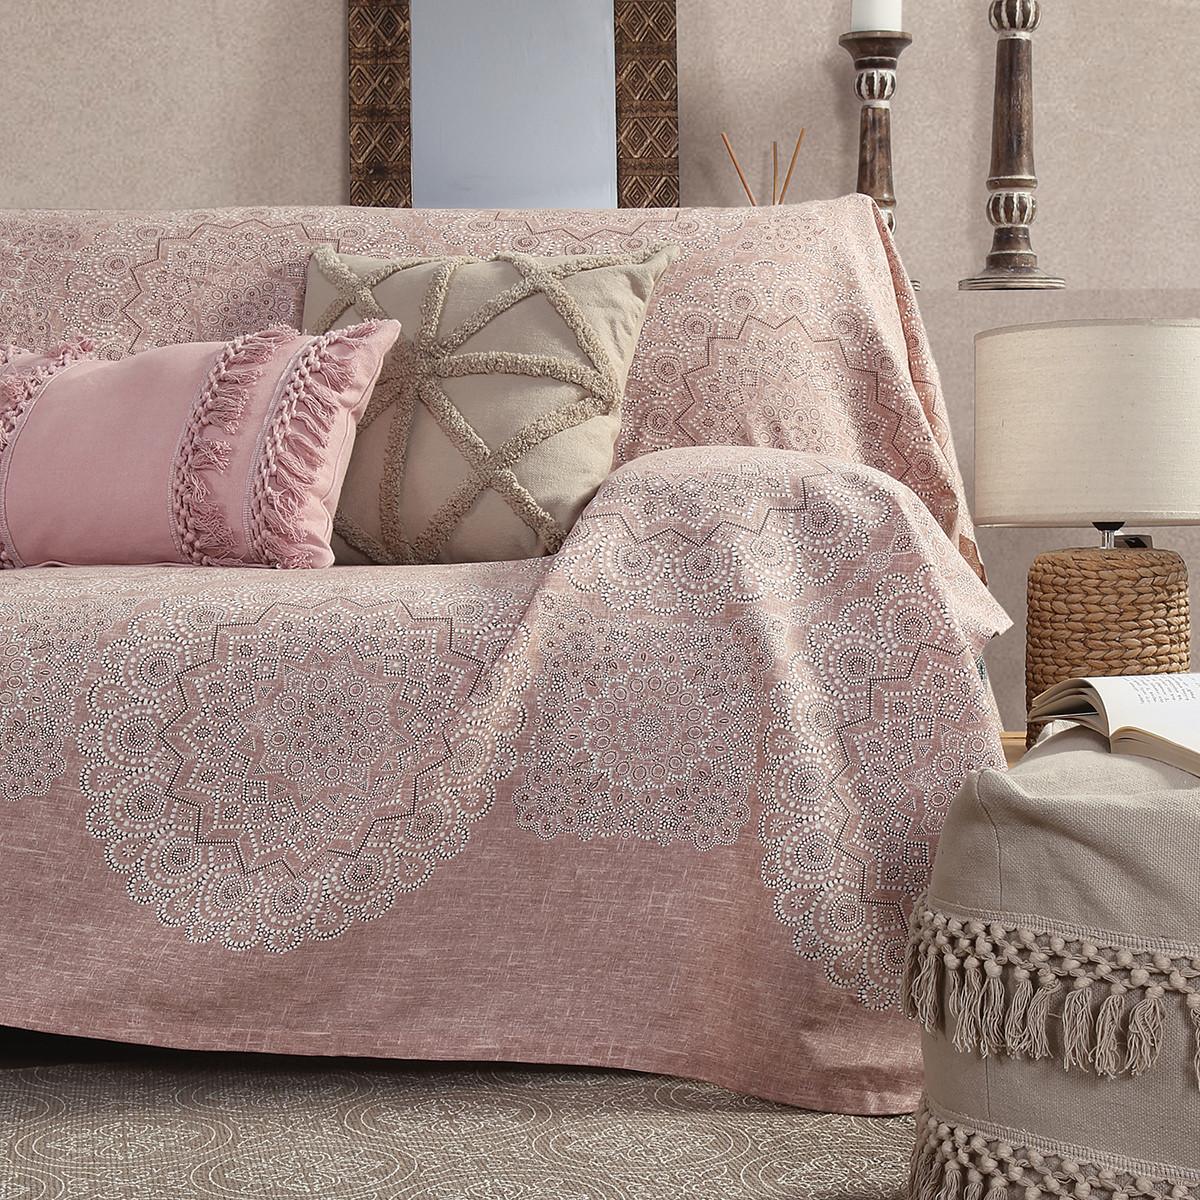 Ριχτάρι/Κουβερτόριο (250×300) Nef-Nef Bed&Sofa Dantelle Terra